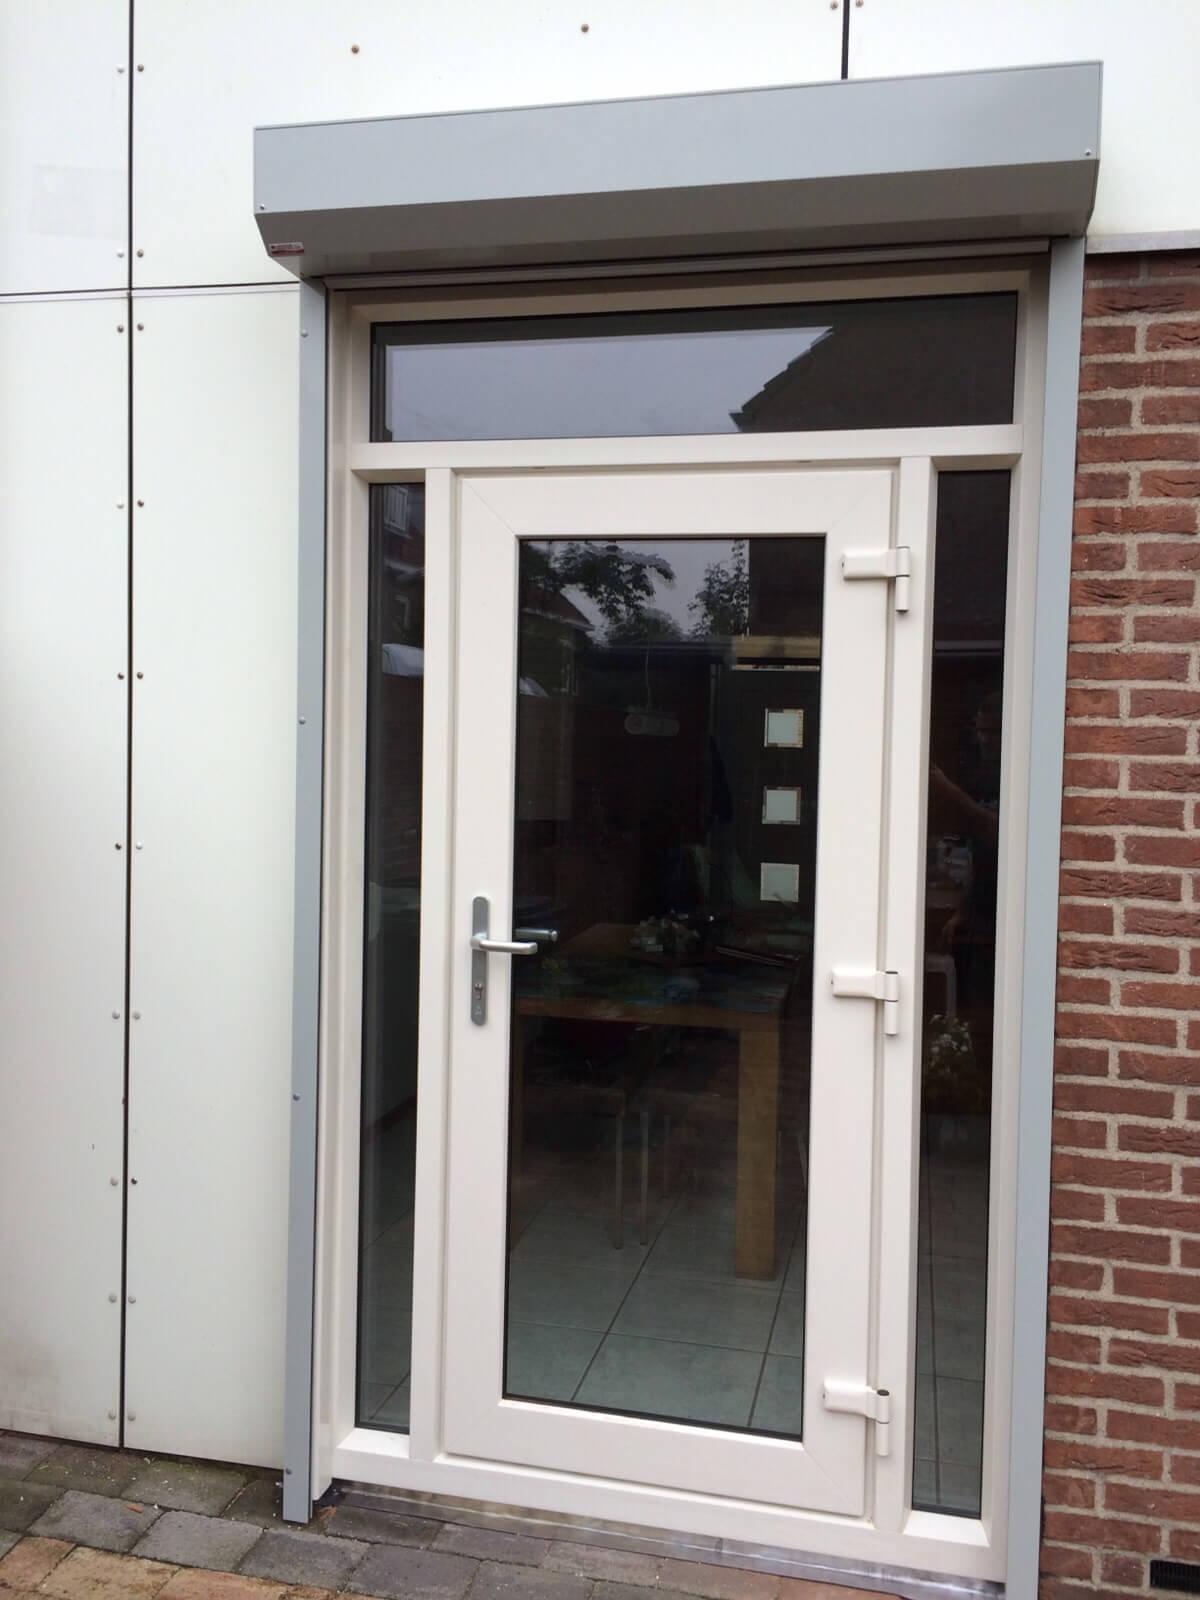 Kommerling K Vision Kozijnen Van Janse Geveltechniek Bv